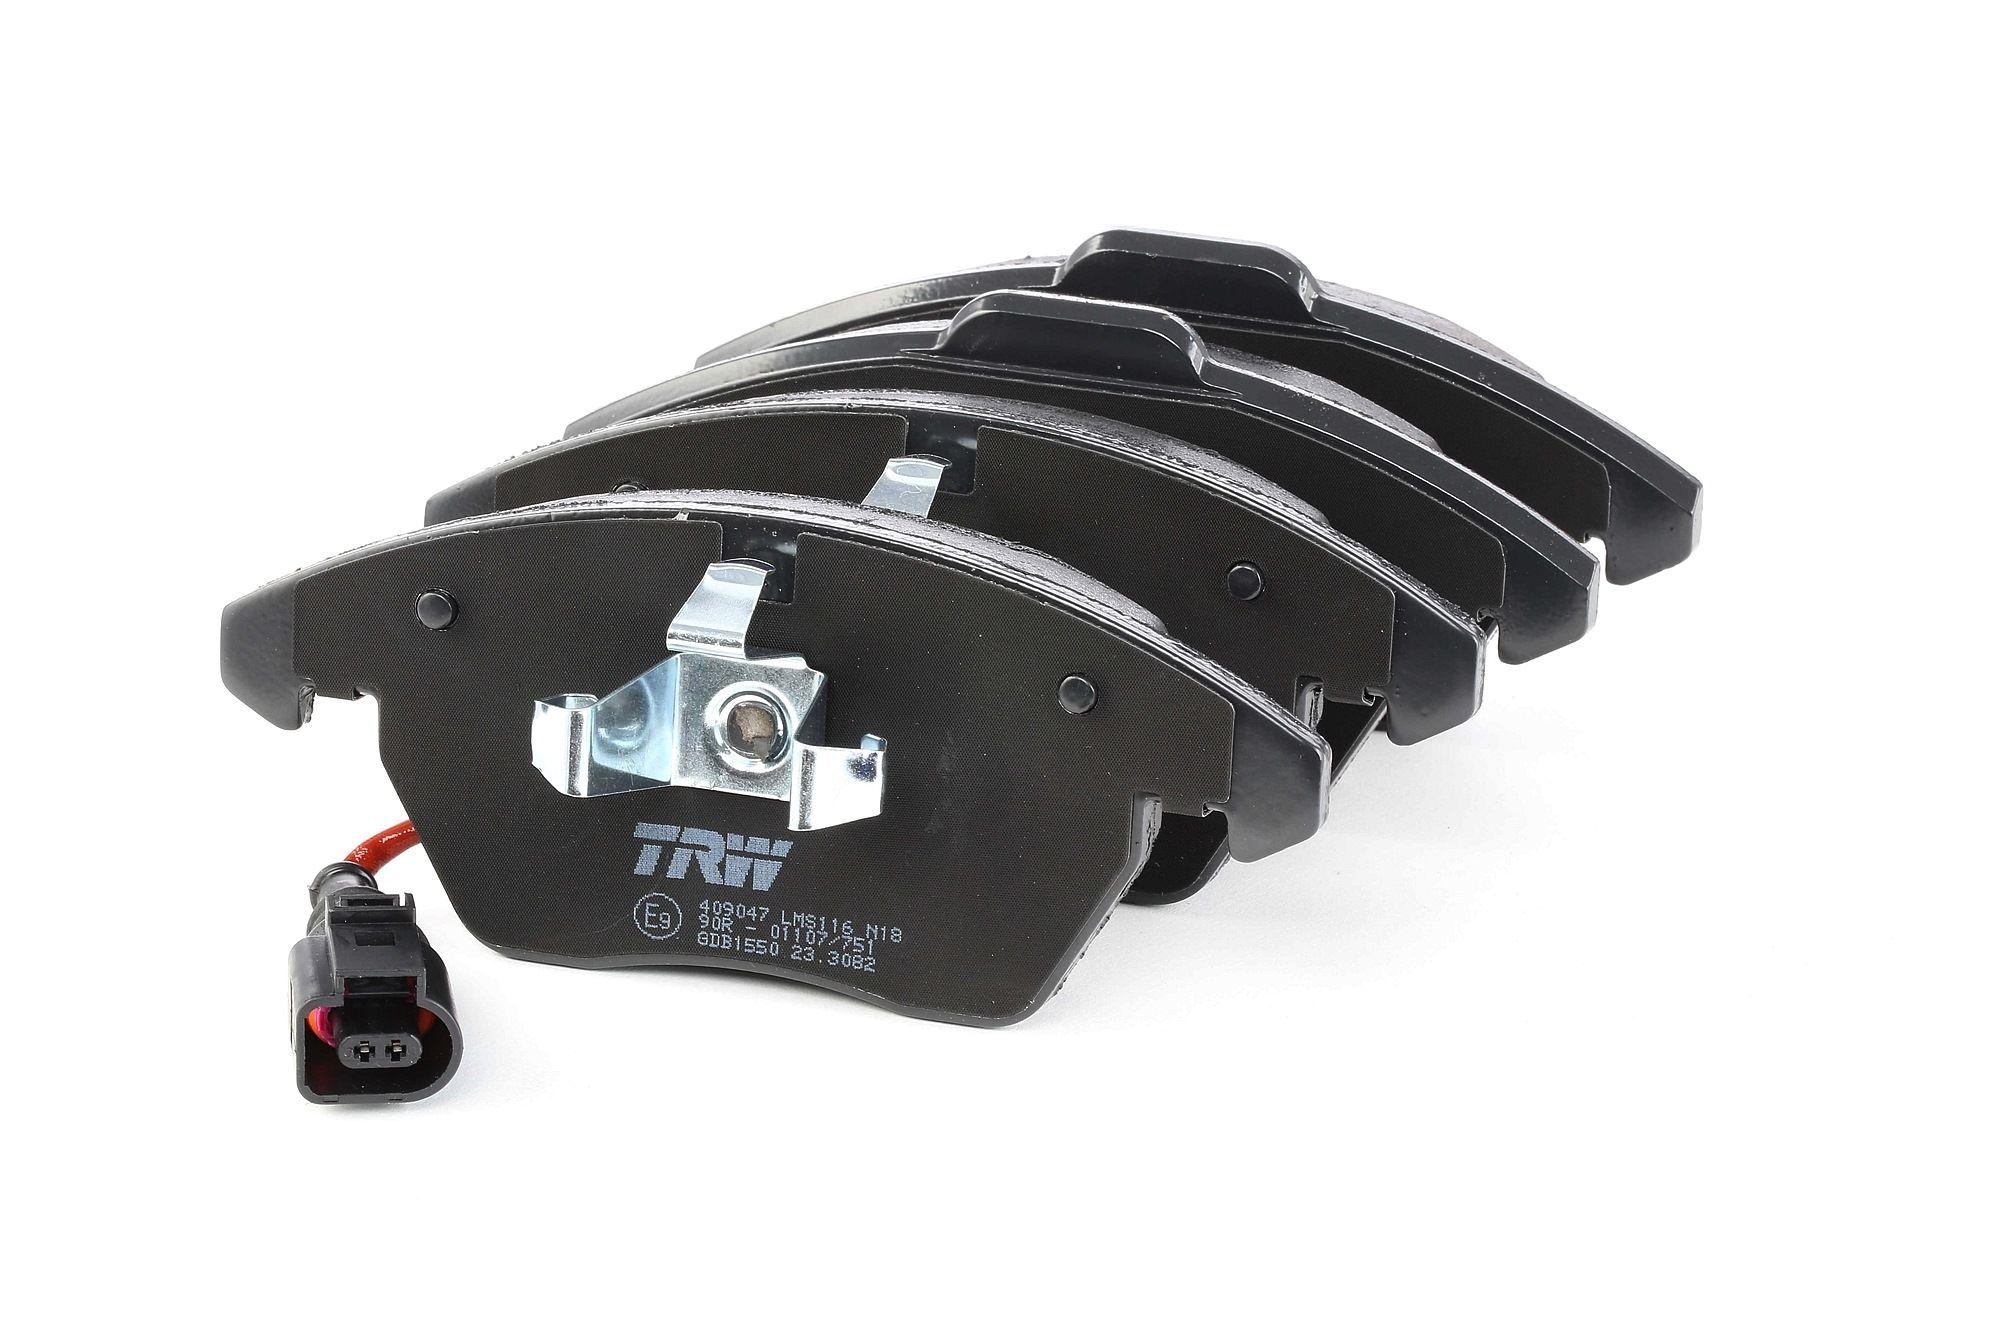 Bremsbelagsatz Golf 5 hinten + vorne 2009 - TRW GDB1550 (Höhe 1: 71,4mm, Höhe 2: 66mm, Dicke/Stärke: 20,3mm)